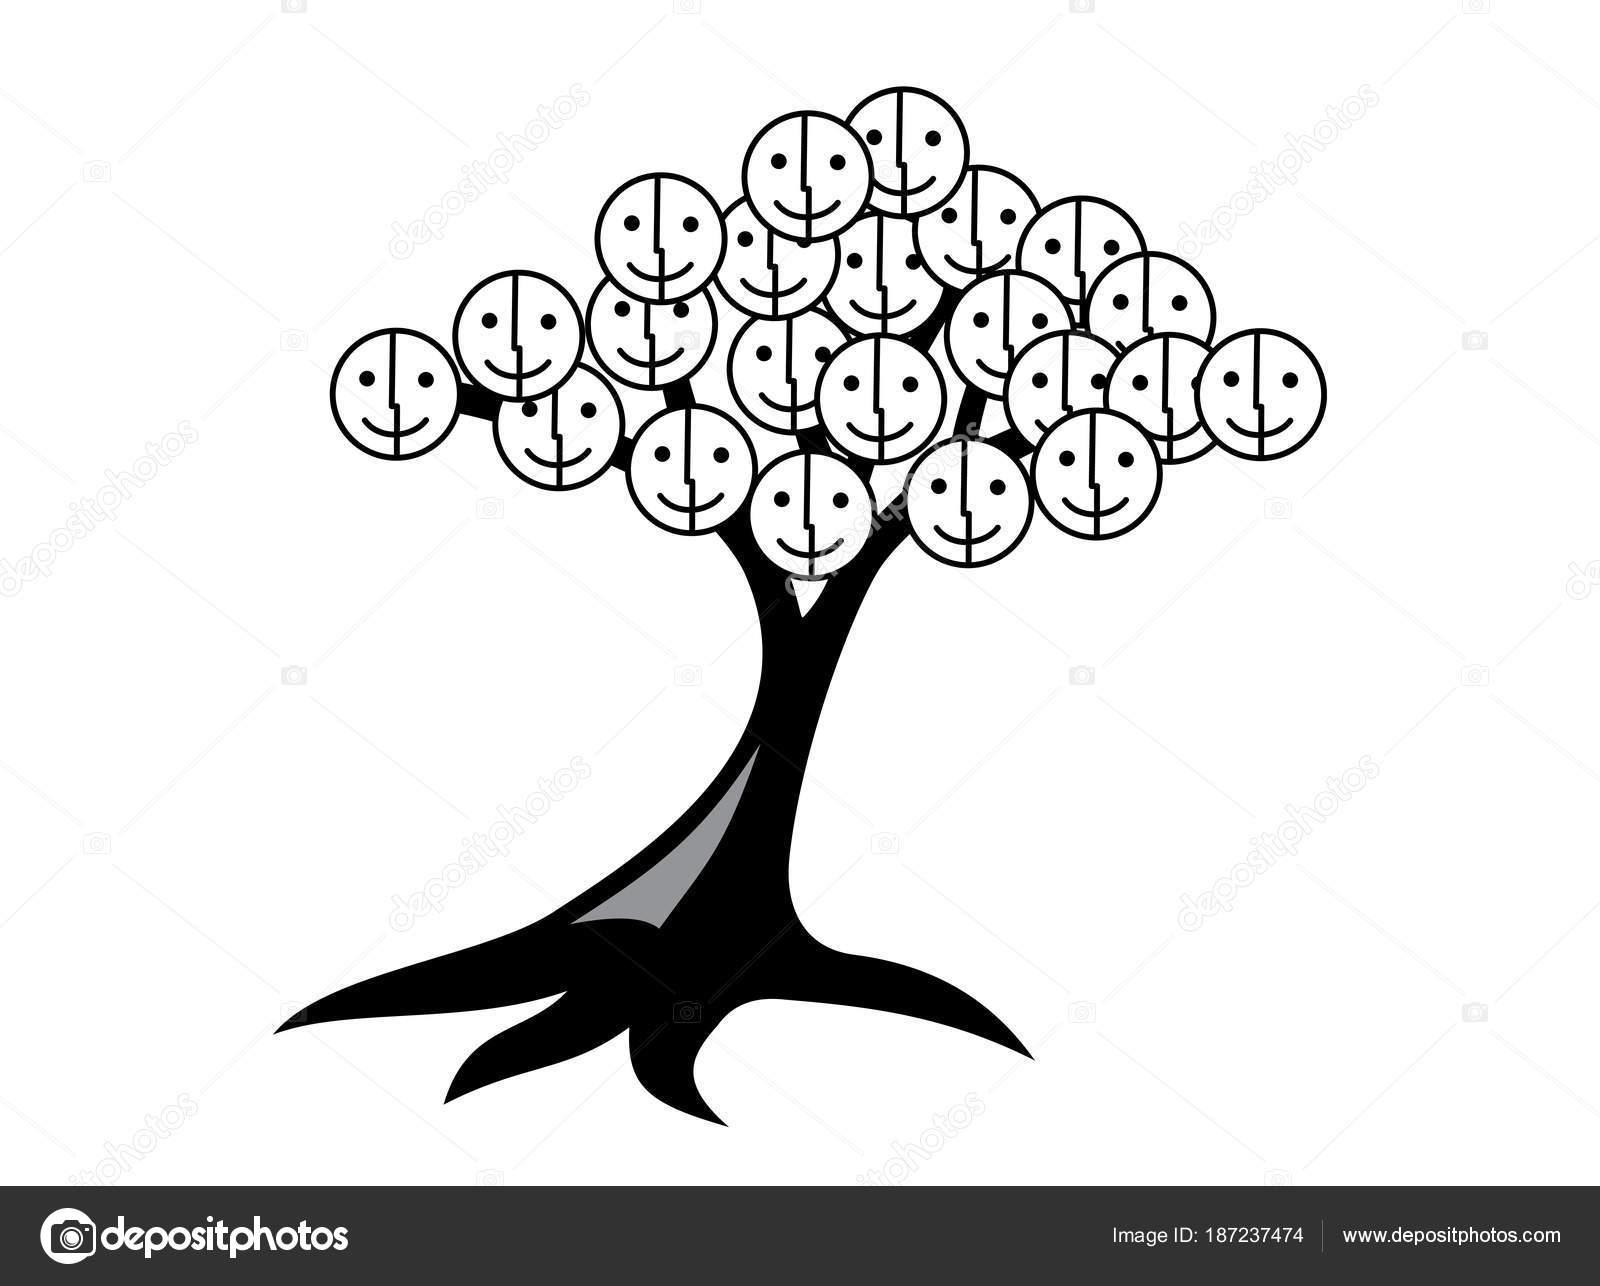 Arbol De La Vida Blanco Y Negro árbol De Sonrisas Y Alegría árbol